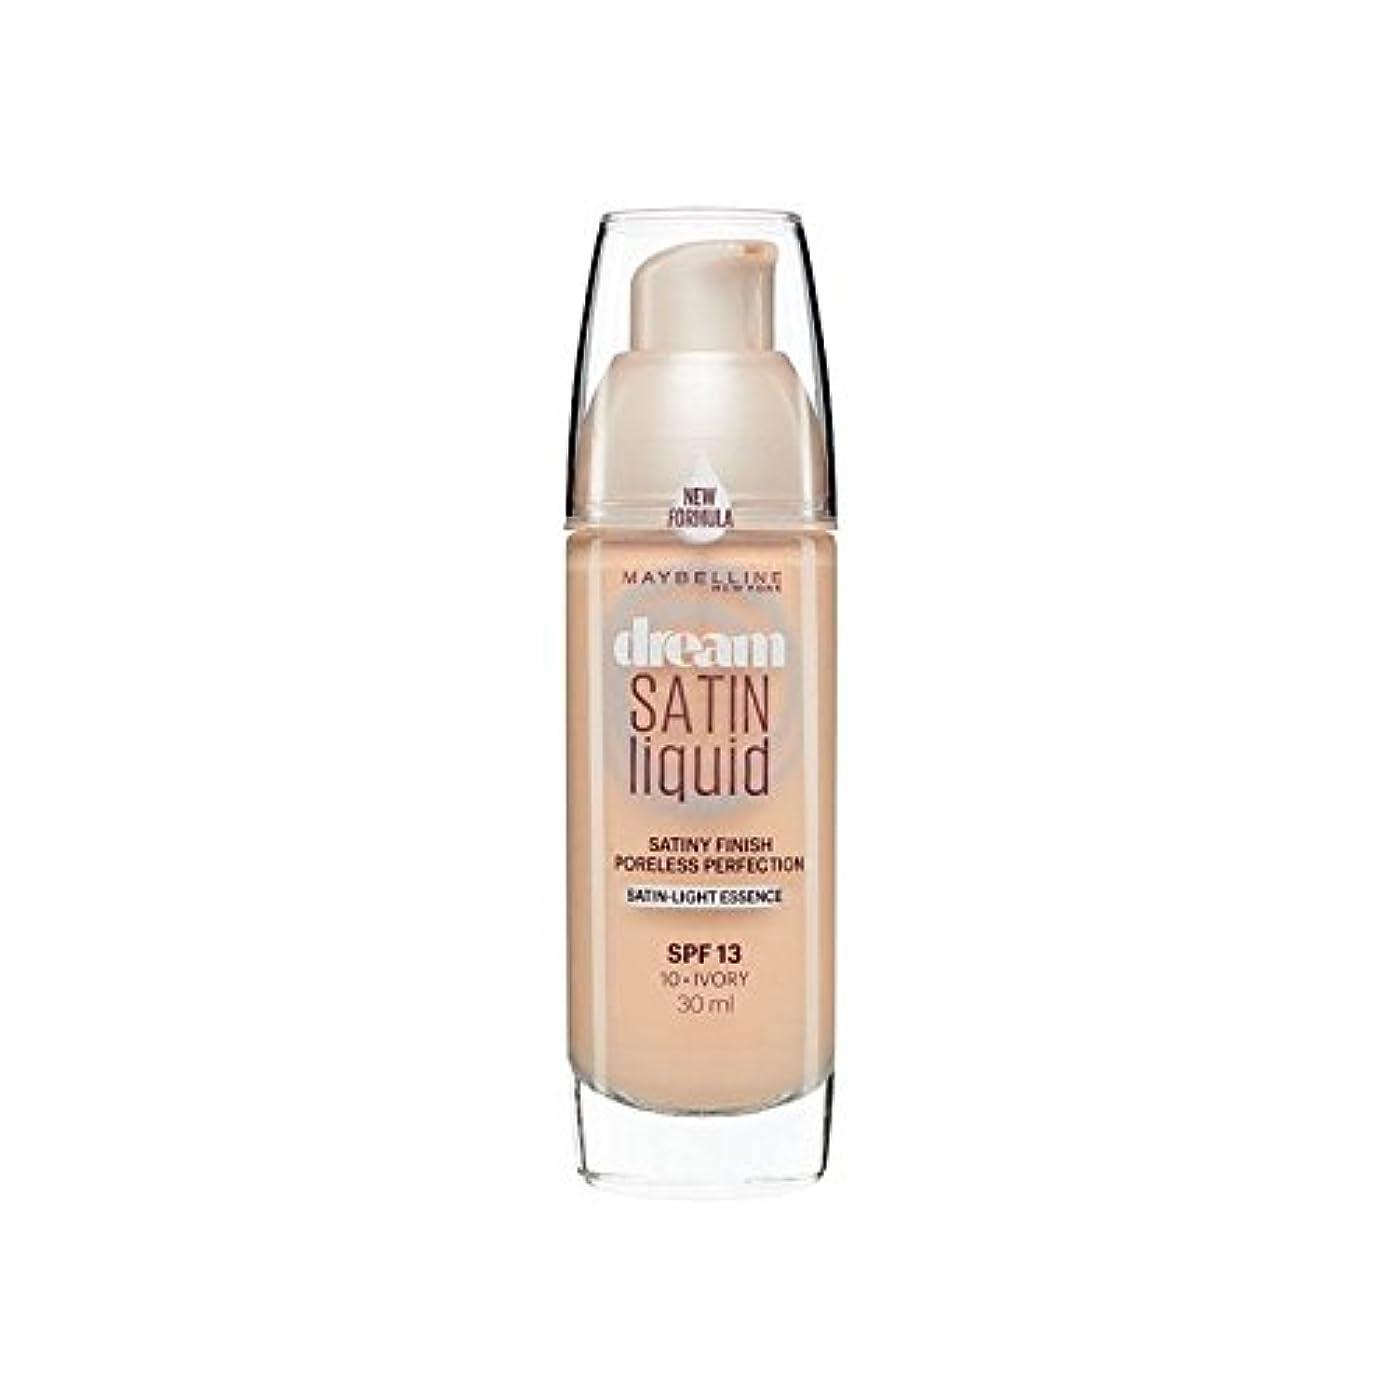 合法家禽会話Maybelline Dream Satin Liquid Foundation 10 Ivory 30ml - メイベリン夢サテンリキッドファンデーション10アイボリー30ミリリットル [並行輸入品]